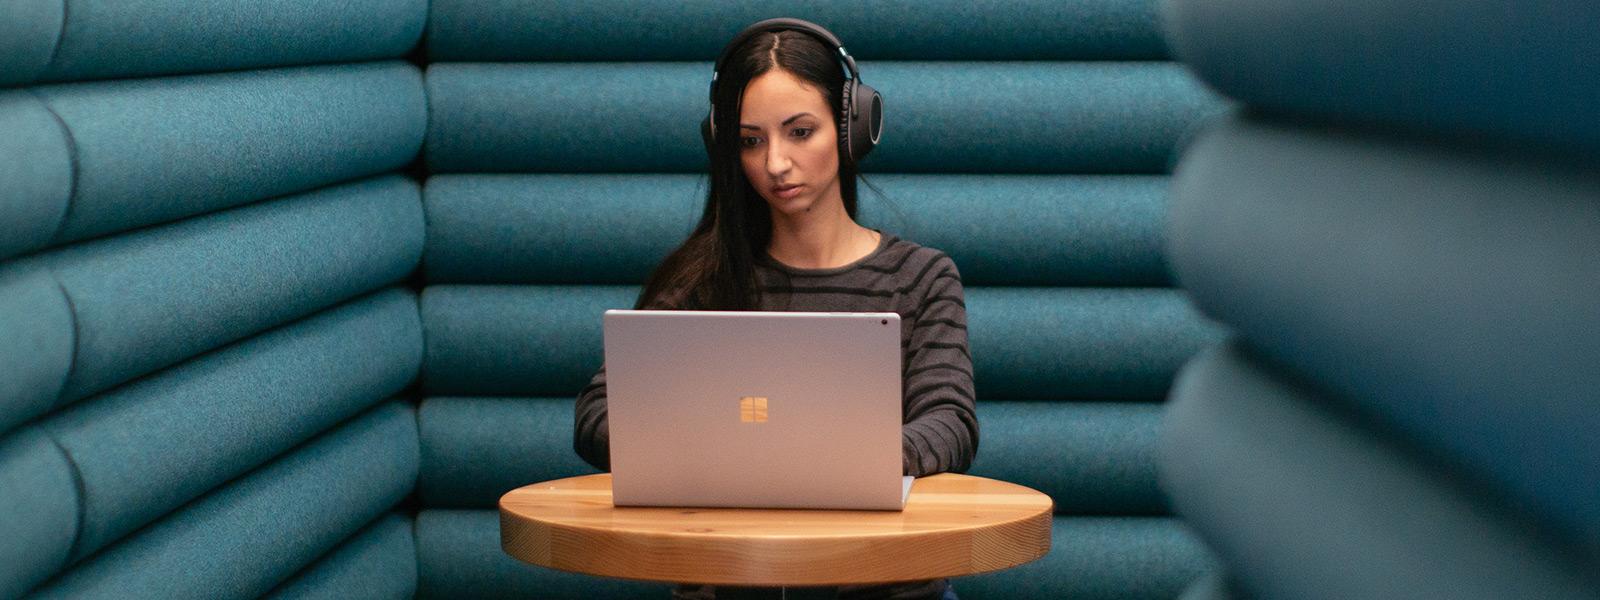 Žena sama sjedi u tišini i sa slušalicama na ušima radi na računalu sa sustavom Windows 10.